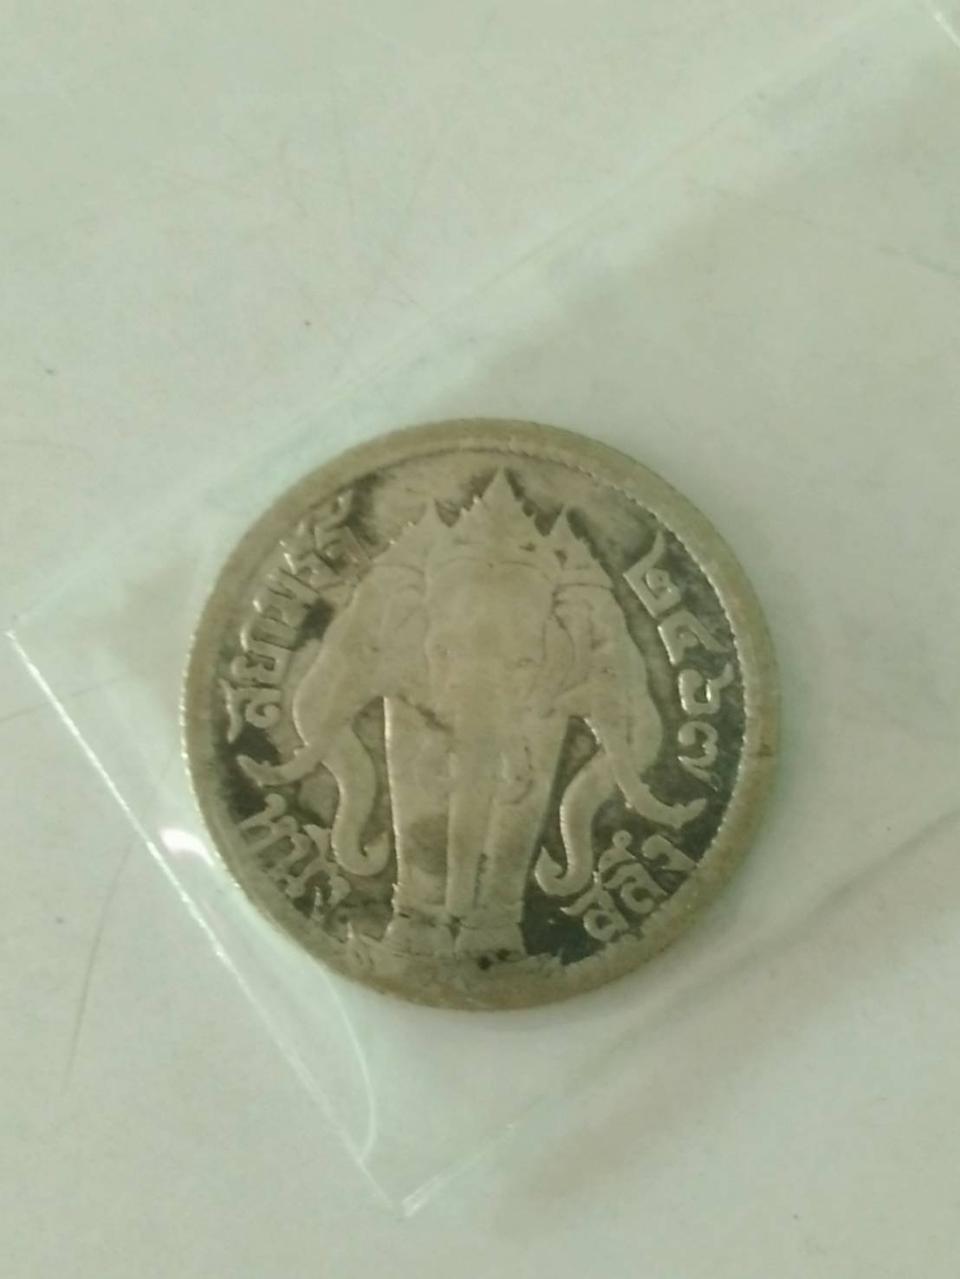 5272 เหรียญเนื้อเงิน ร.6 ปี 2467 ราคาหนึ่งสลึง ช้างสามเศียร รูปที่ 1